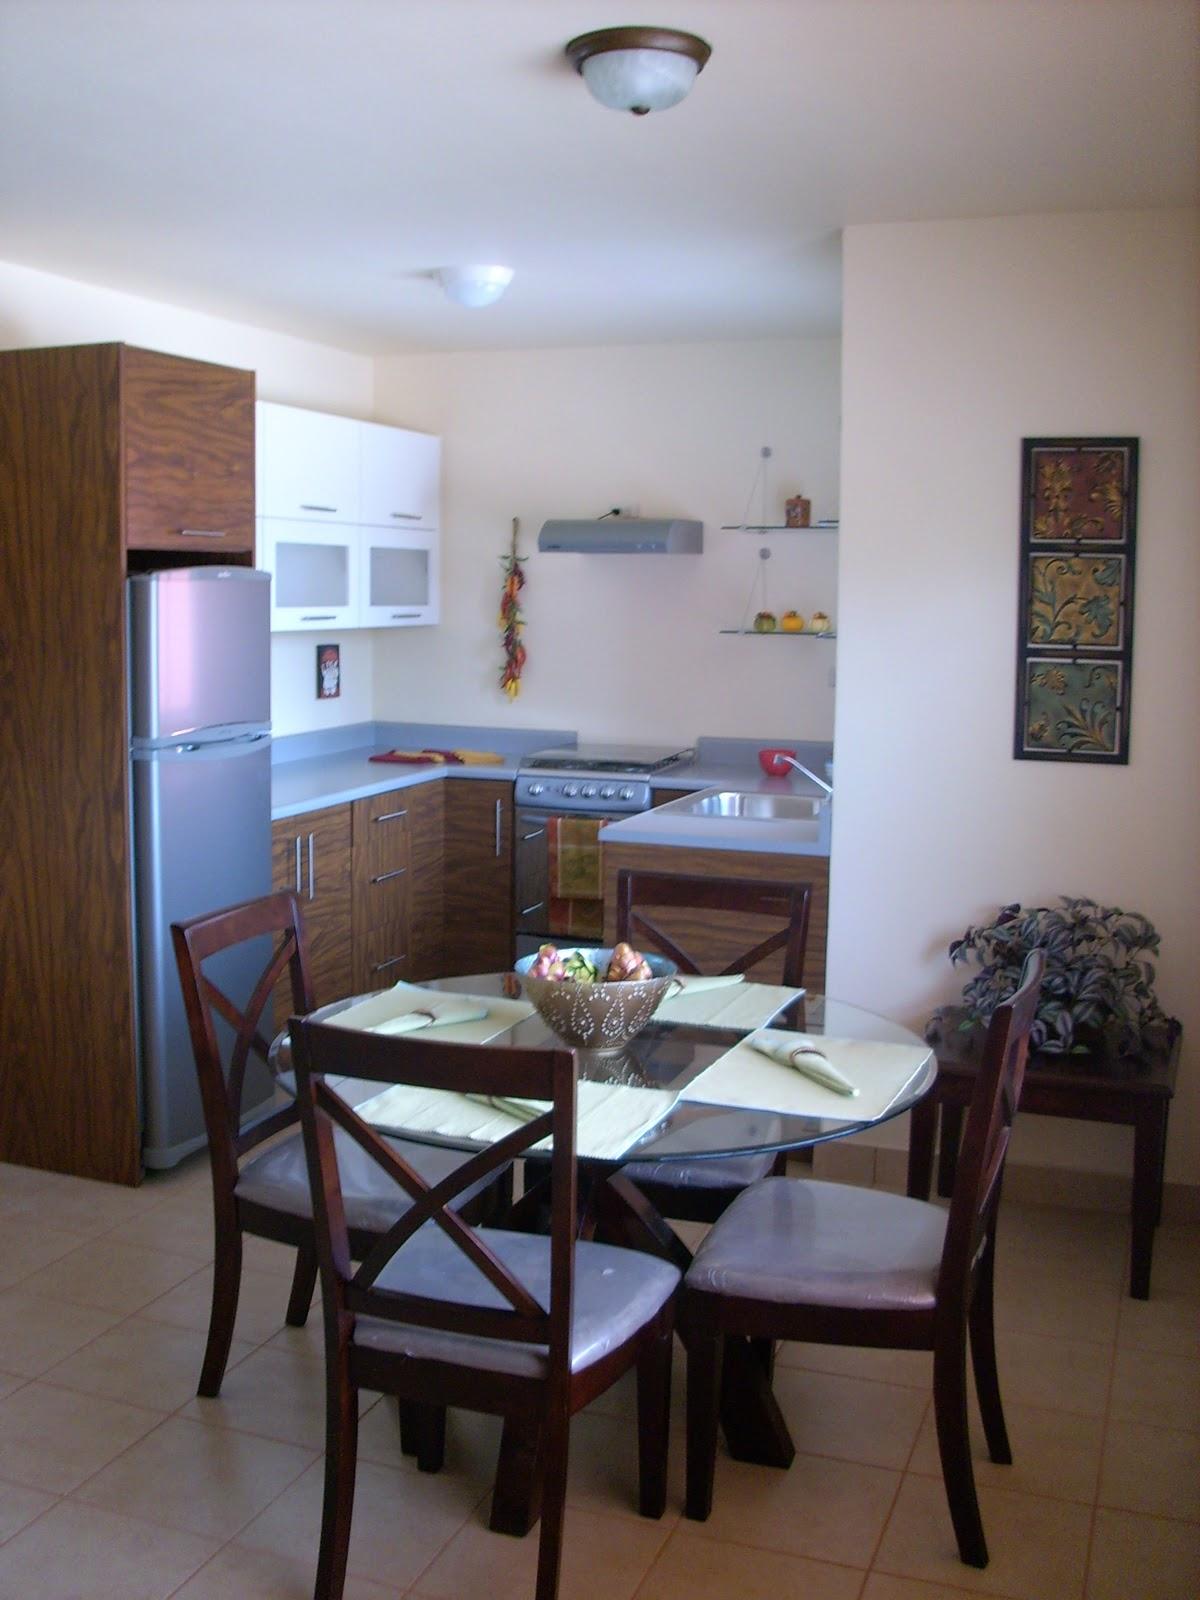 Departamentos la joya sala comedor cocina for Comedor para sala